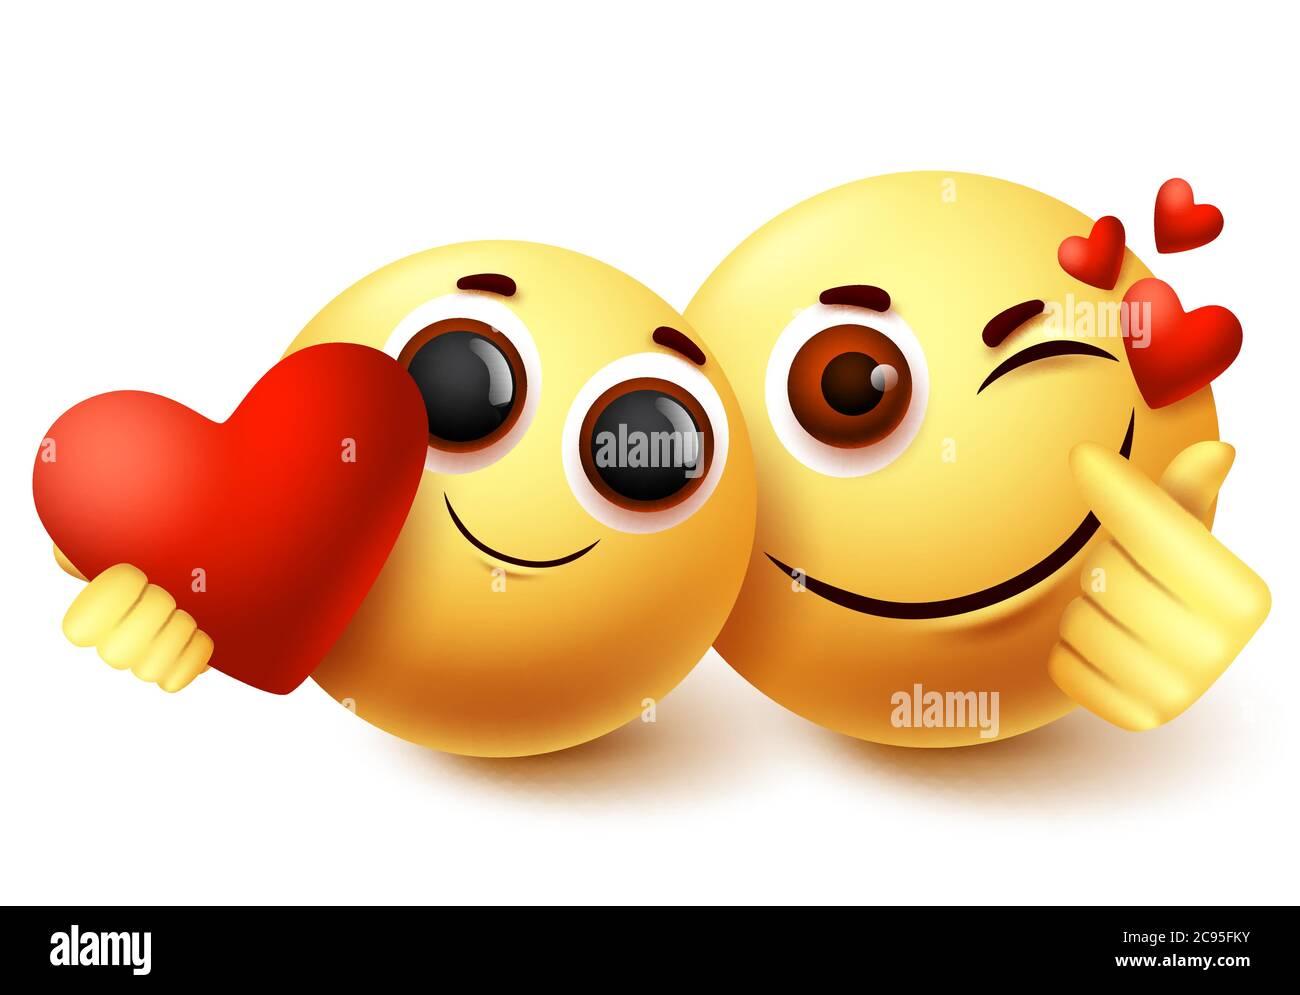 Emoji dich ich liebe 🤟 Liebe